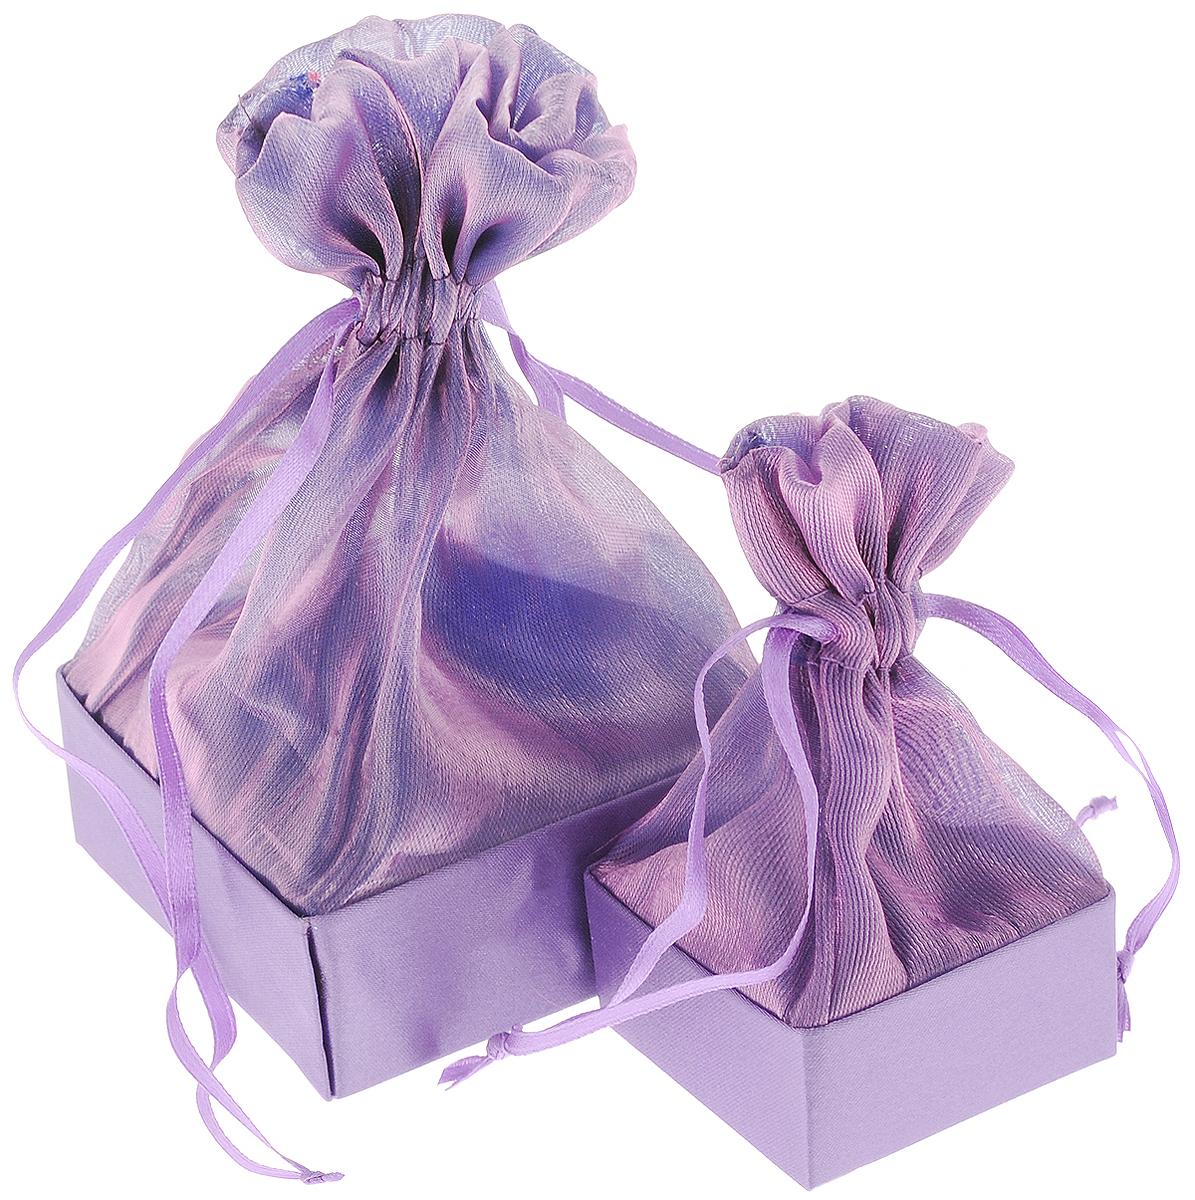 Коробочка для подарка Piovaccari Тиффани, цвет: фиолетовый, 7,5 х 7,5 х 16,61898P 48Коробочка для подарка ТИФФАНИ 7,5 х 7,5 х 16 см, PiovaccariPiovaccari Тиффани станет одним из самых оригинальных вариантов упаковки для подарка. Яркий дизайн будет долго напоминать владельцу о трогательных моментах получения подарка.